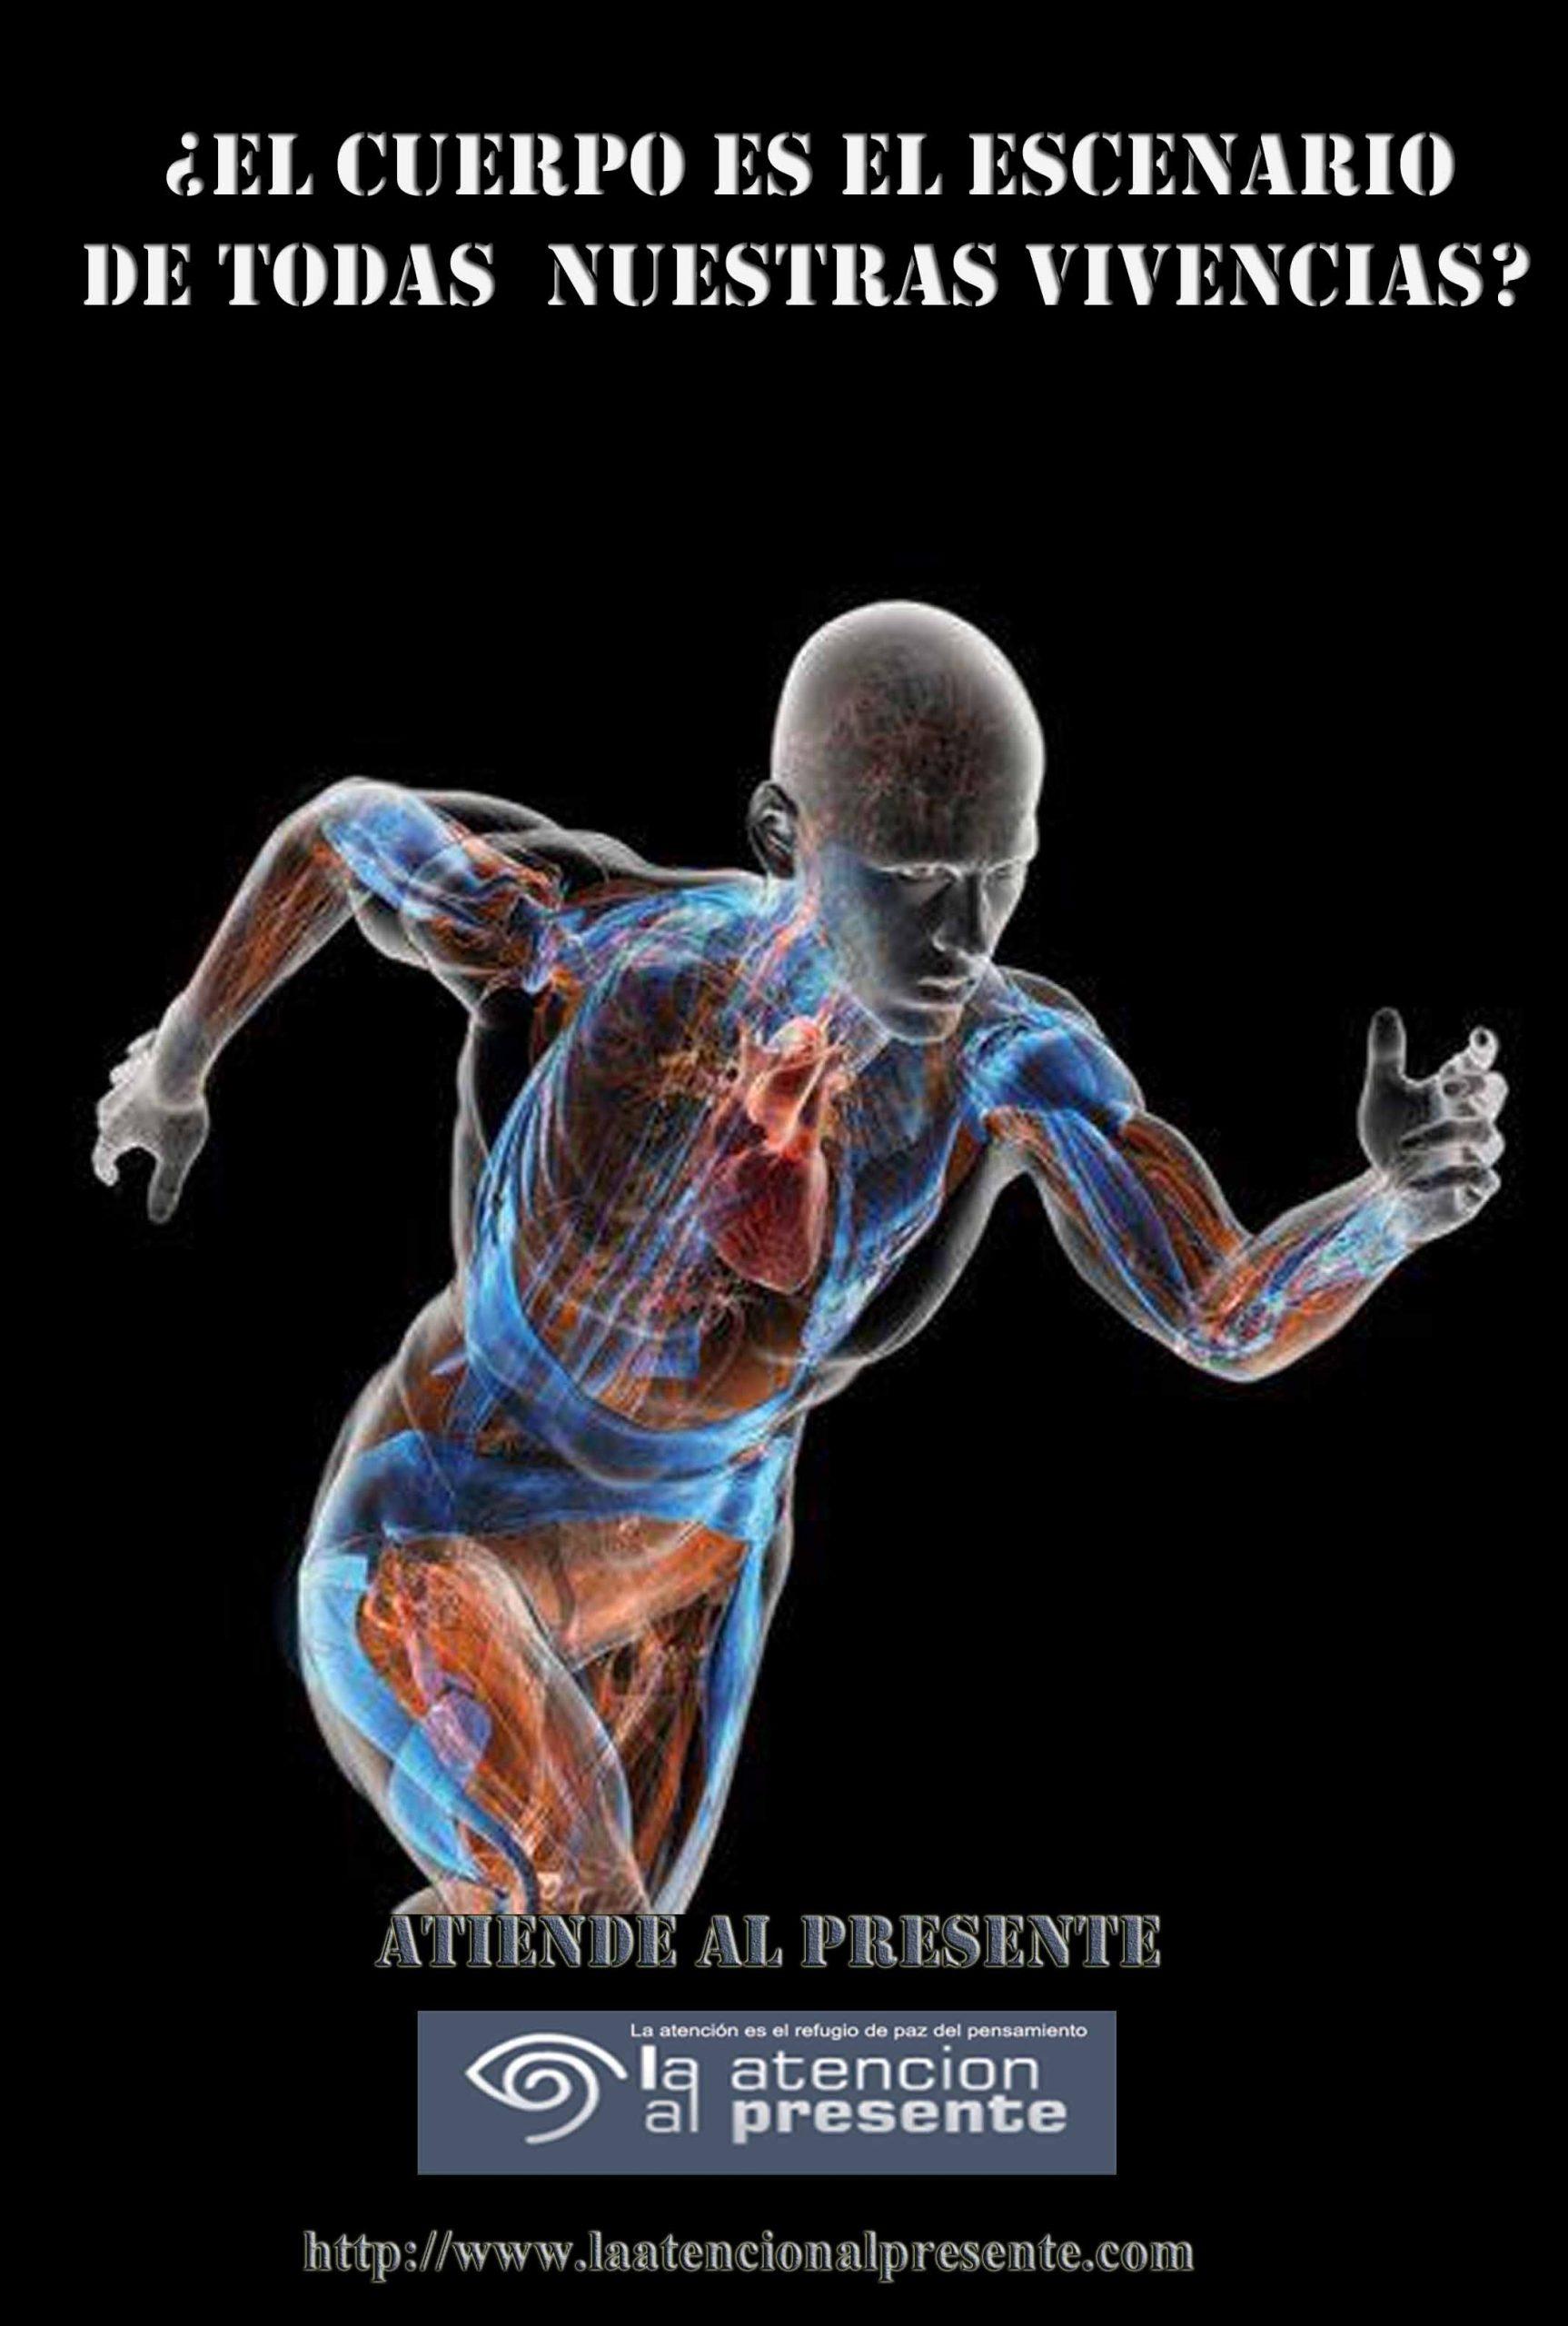 10 de diciembre PEPE El cuerpo es el escenario de todas nuestras vivencias 5 min scaled